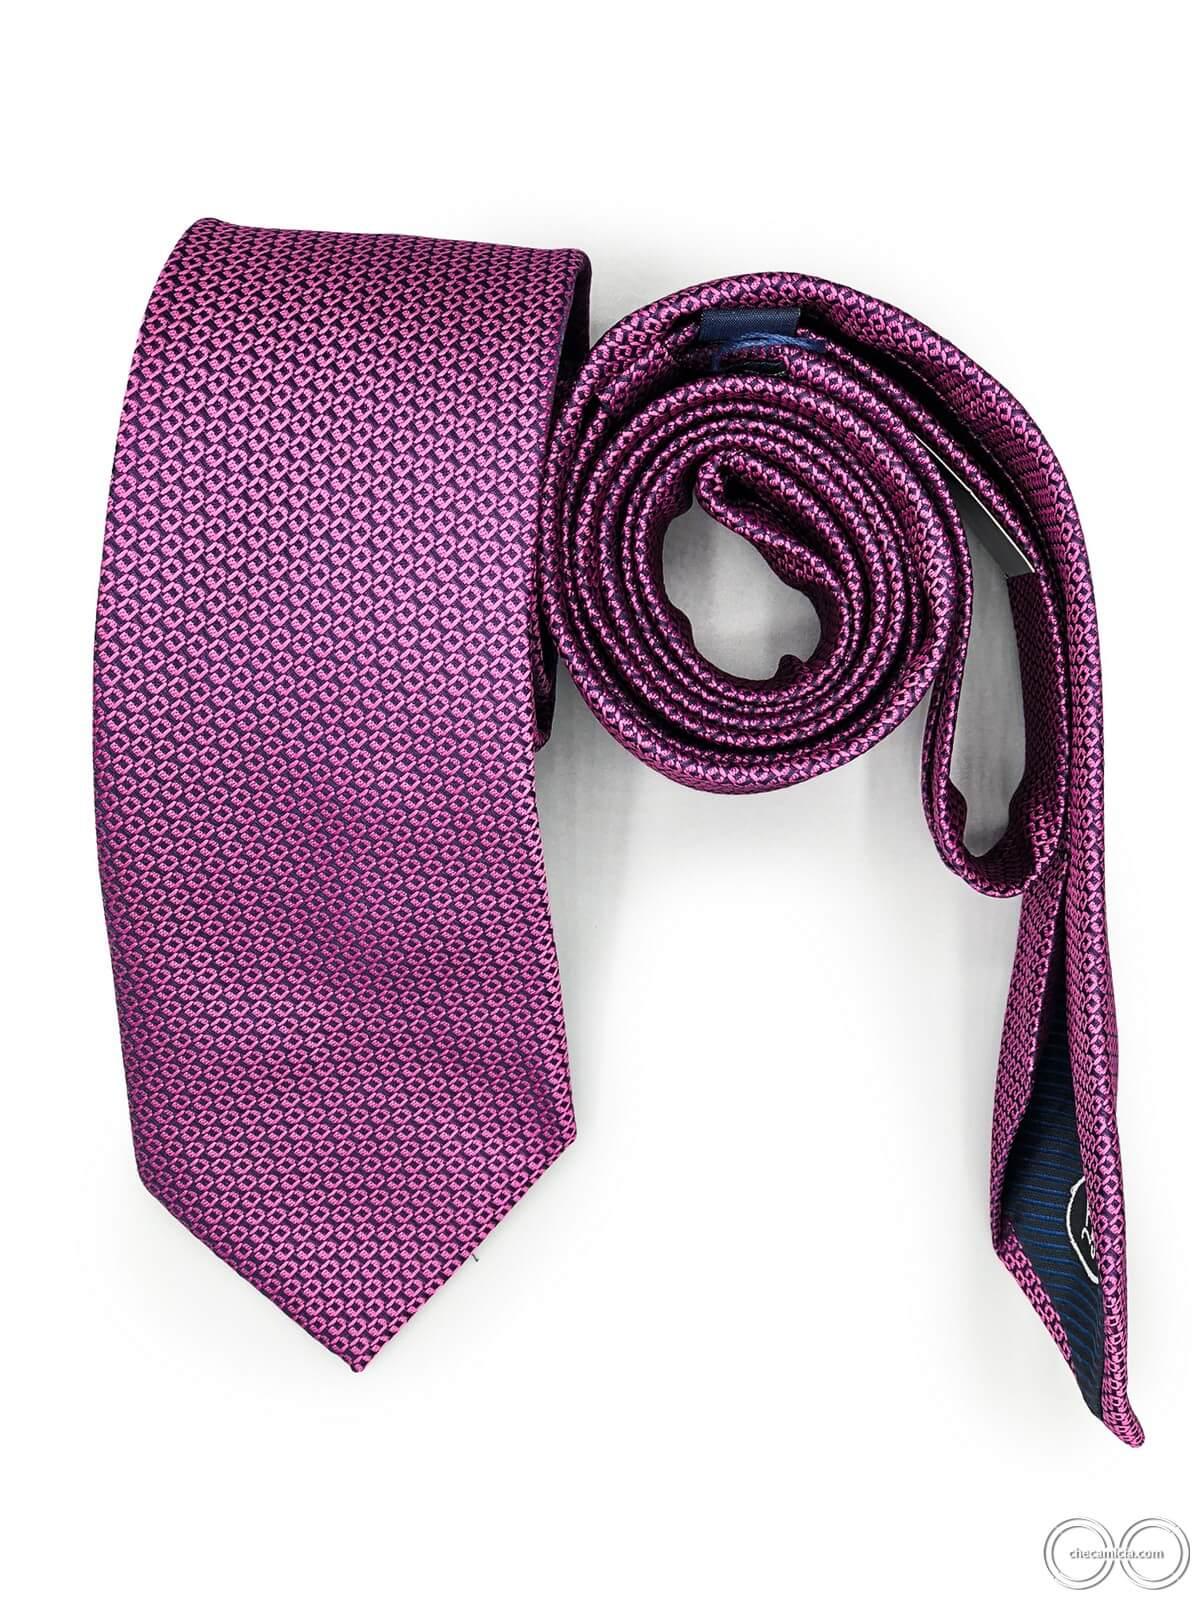 Cravatta shop online cravatte da uomo Demetra CheCamicia